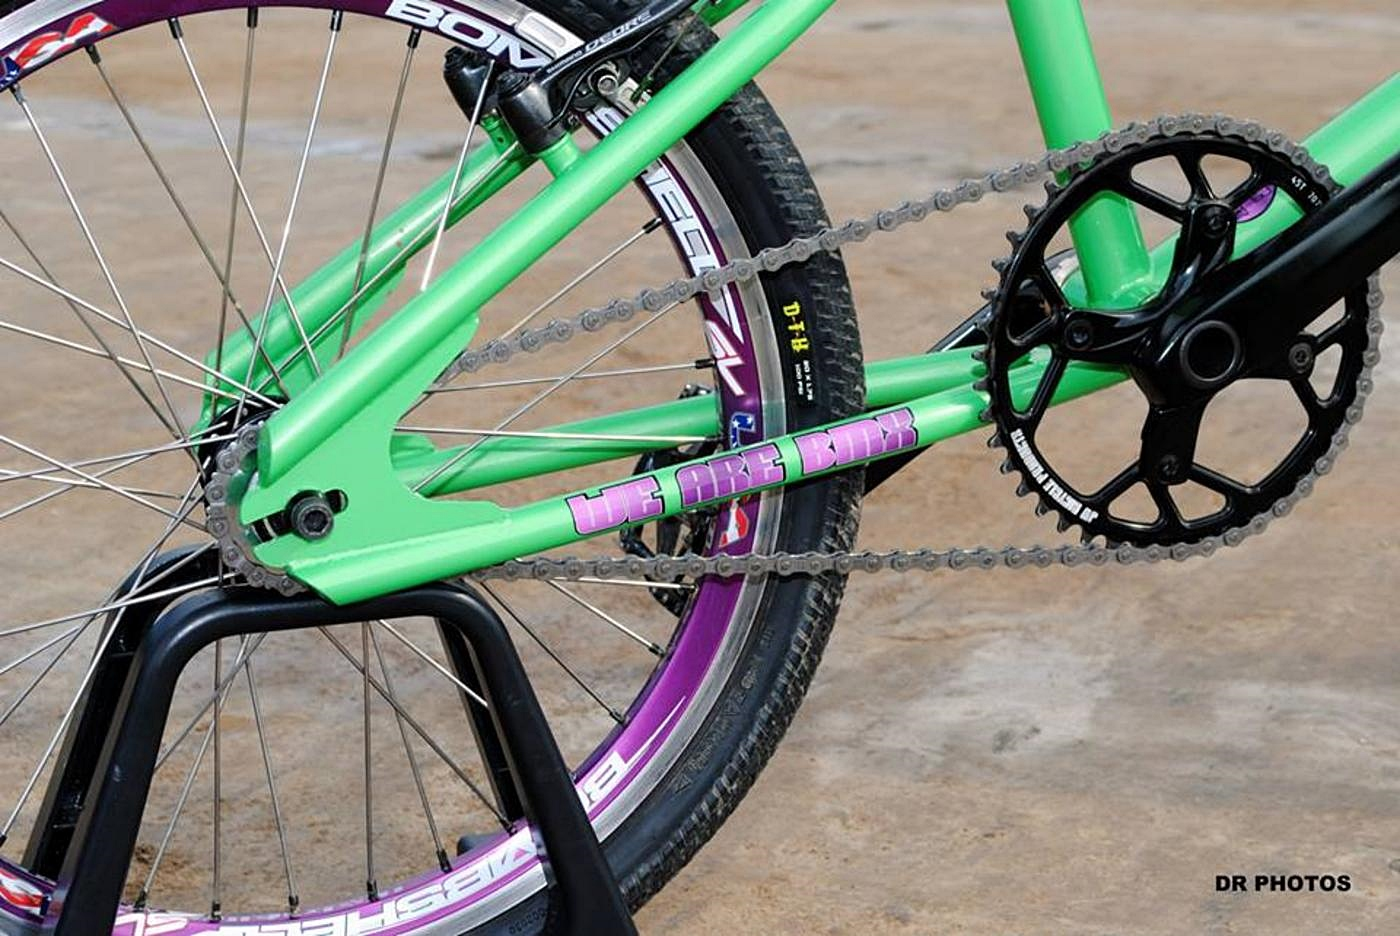 fmrbmx BMX racing bike